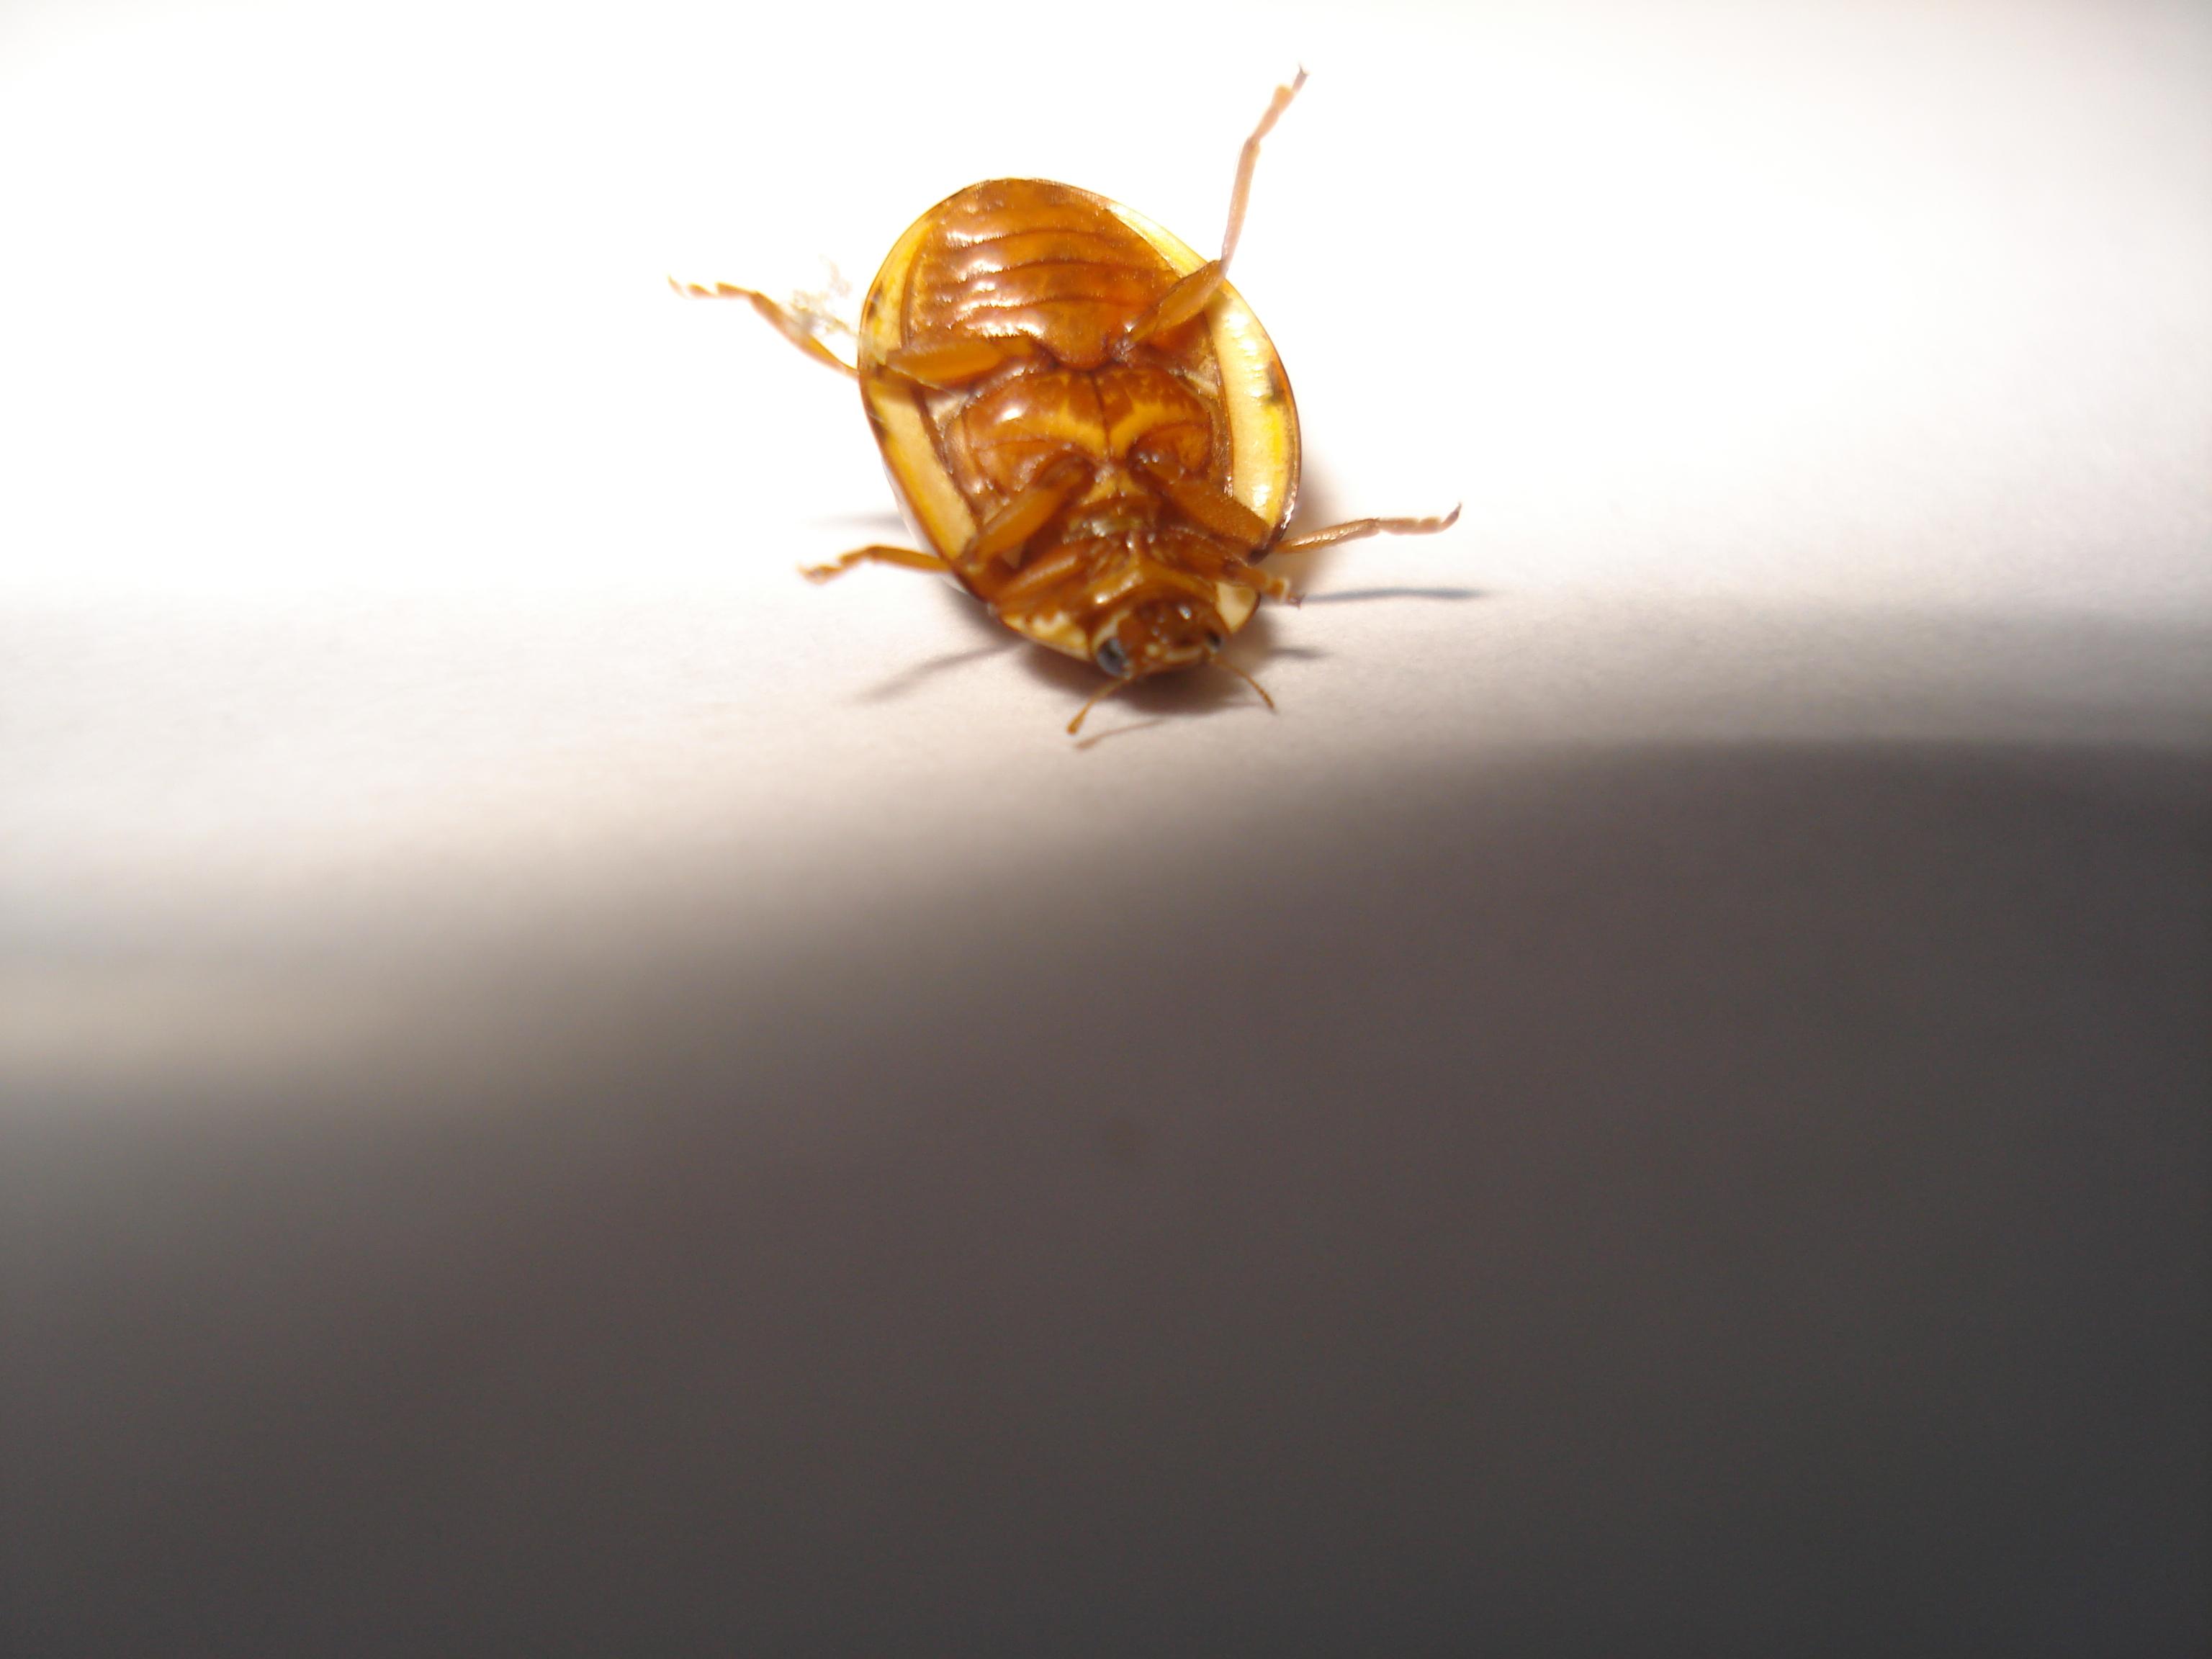 Cockroach look-alike